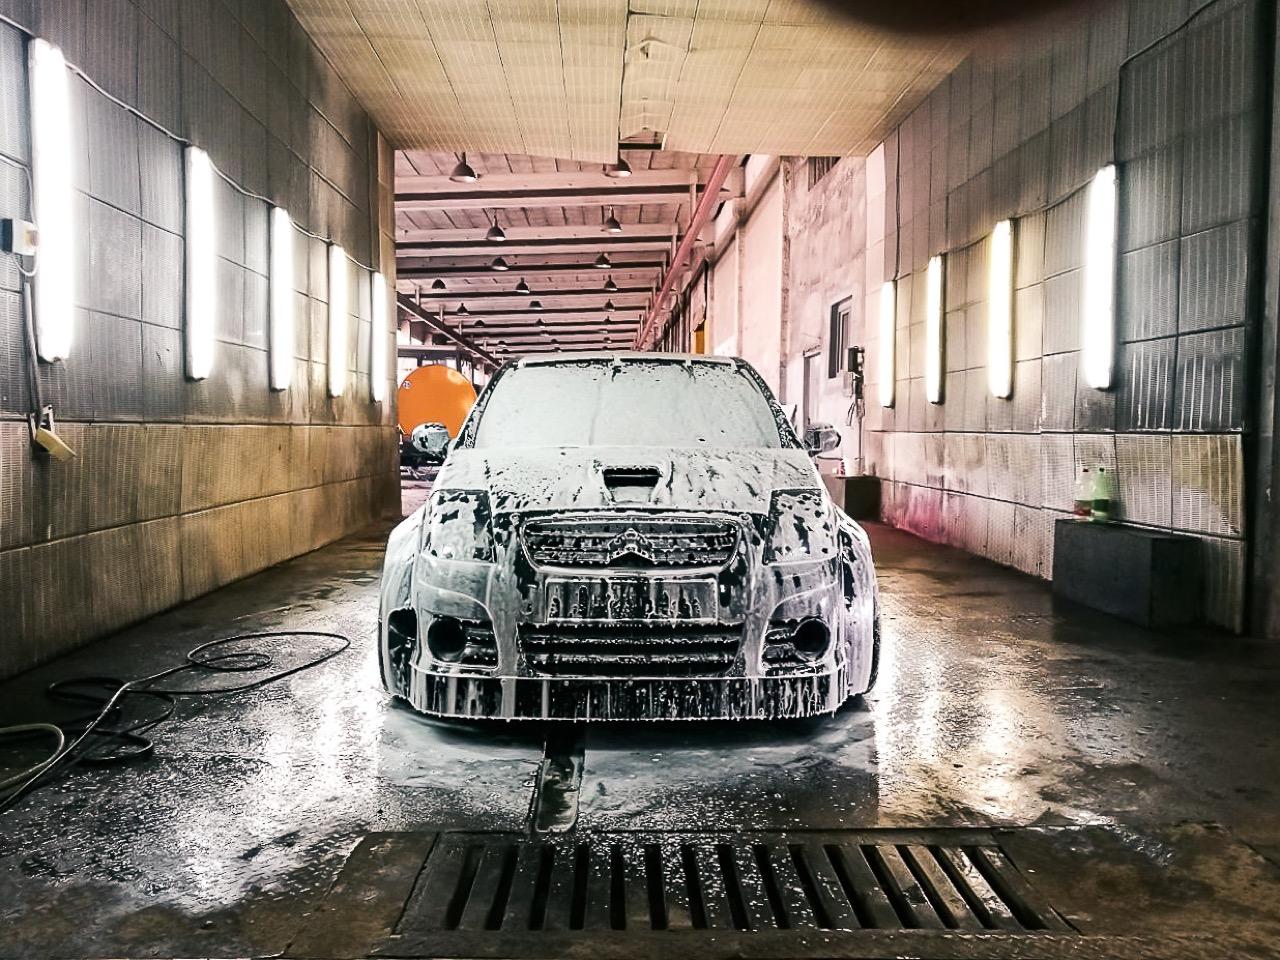 C2 VTS Swap 3S-GTE - Puce excitée ! 14